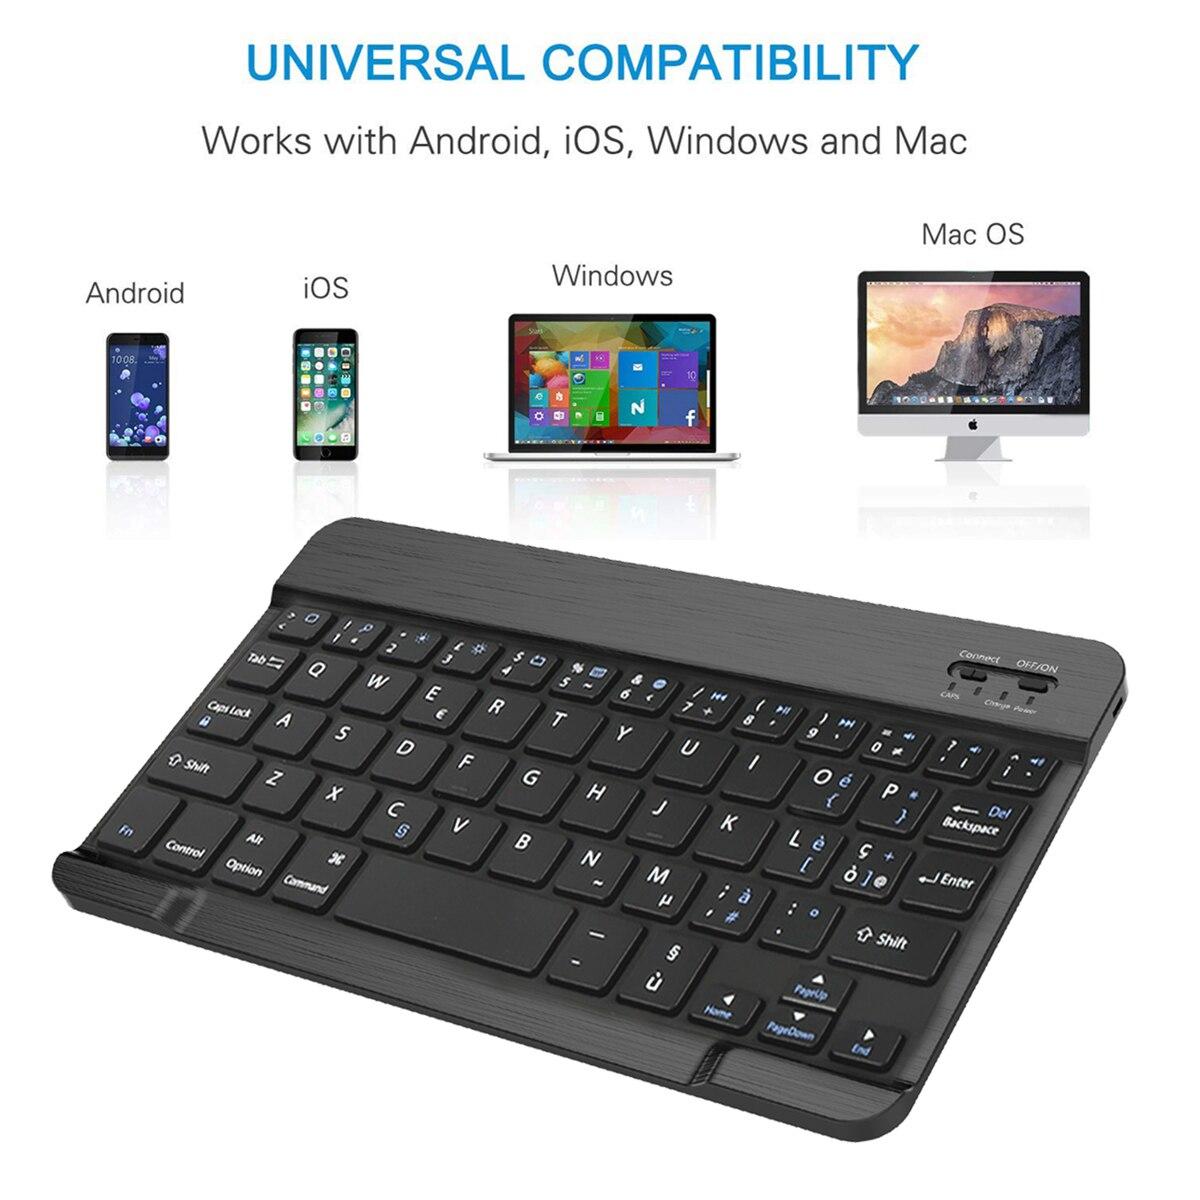 תאורה אחורית מקלדת עם תאורה אחורית Bluetooth איטלקית עבור Samsung Galaxy Tab 10.5 A2 T595 T590 להפרדה Tablet נרתיק עור ייחודי פס עיצוב (4)